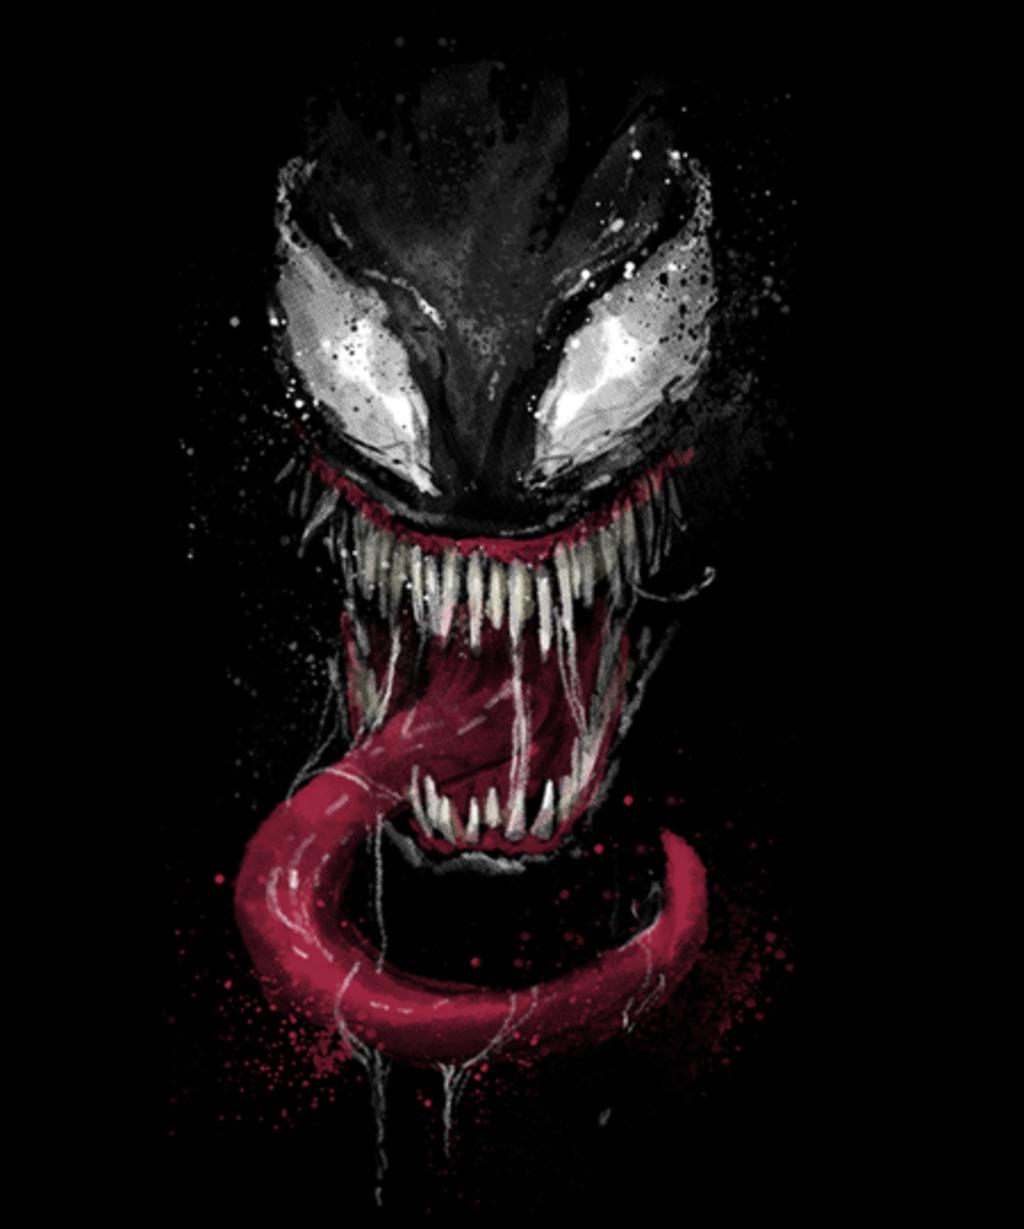 Qwertee: splatter venom